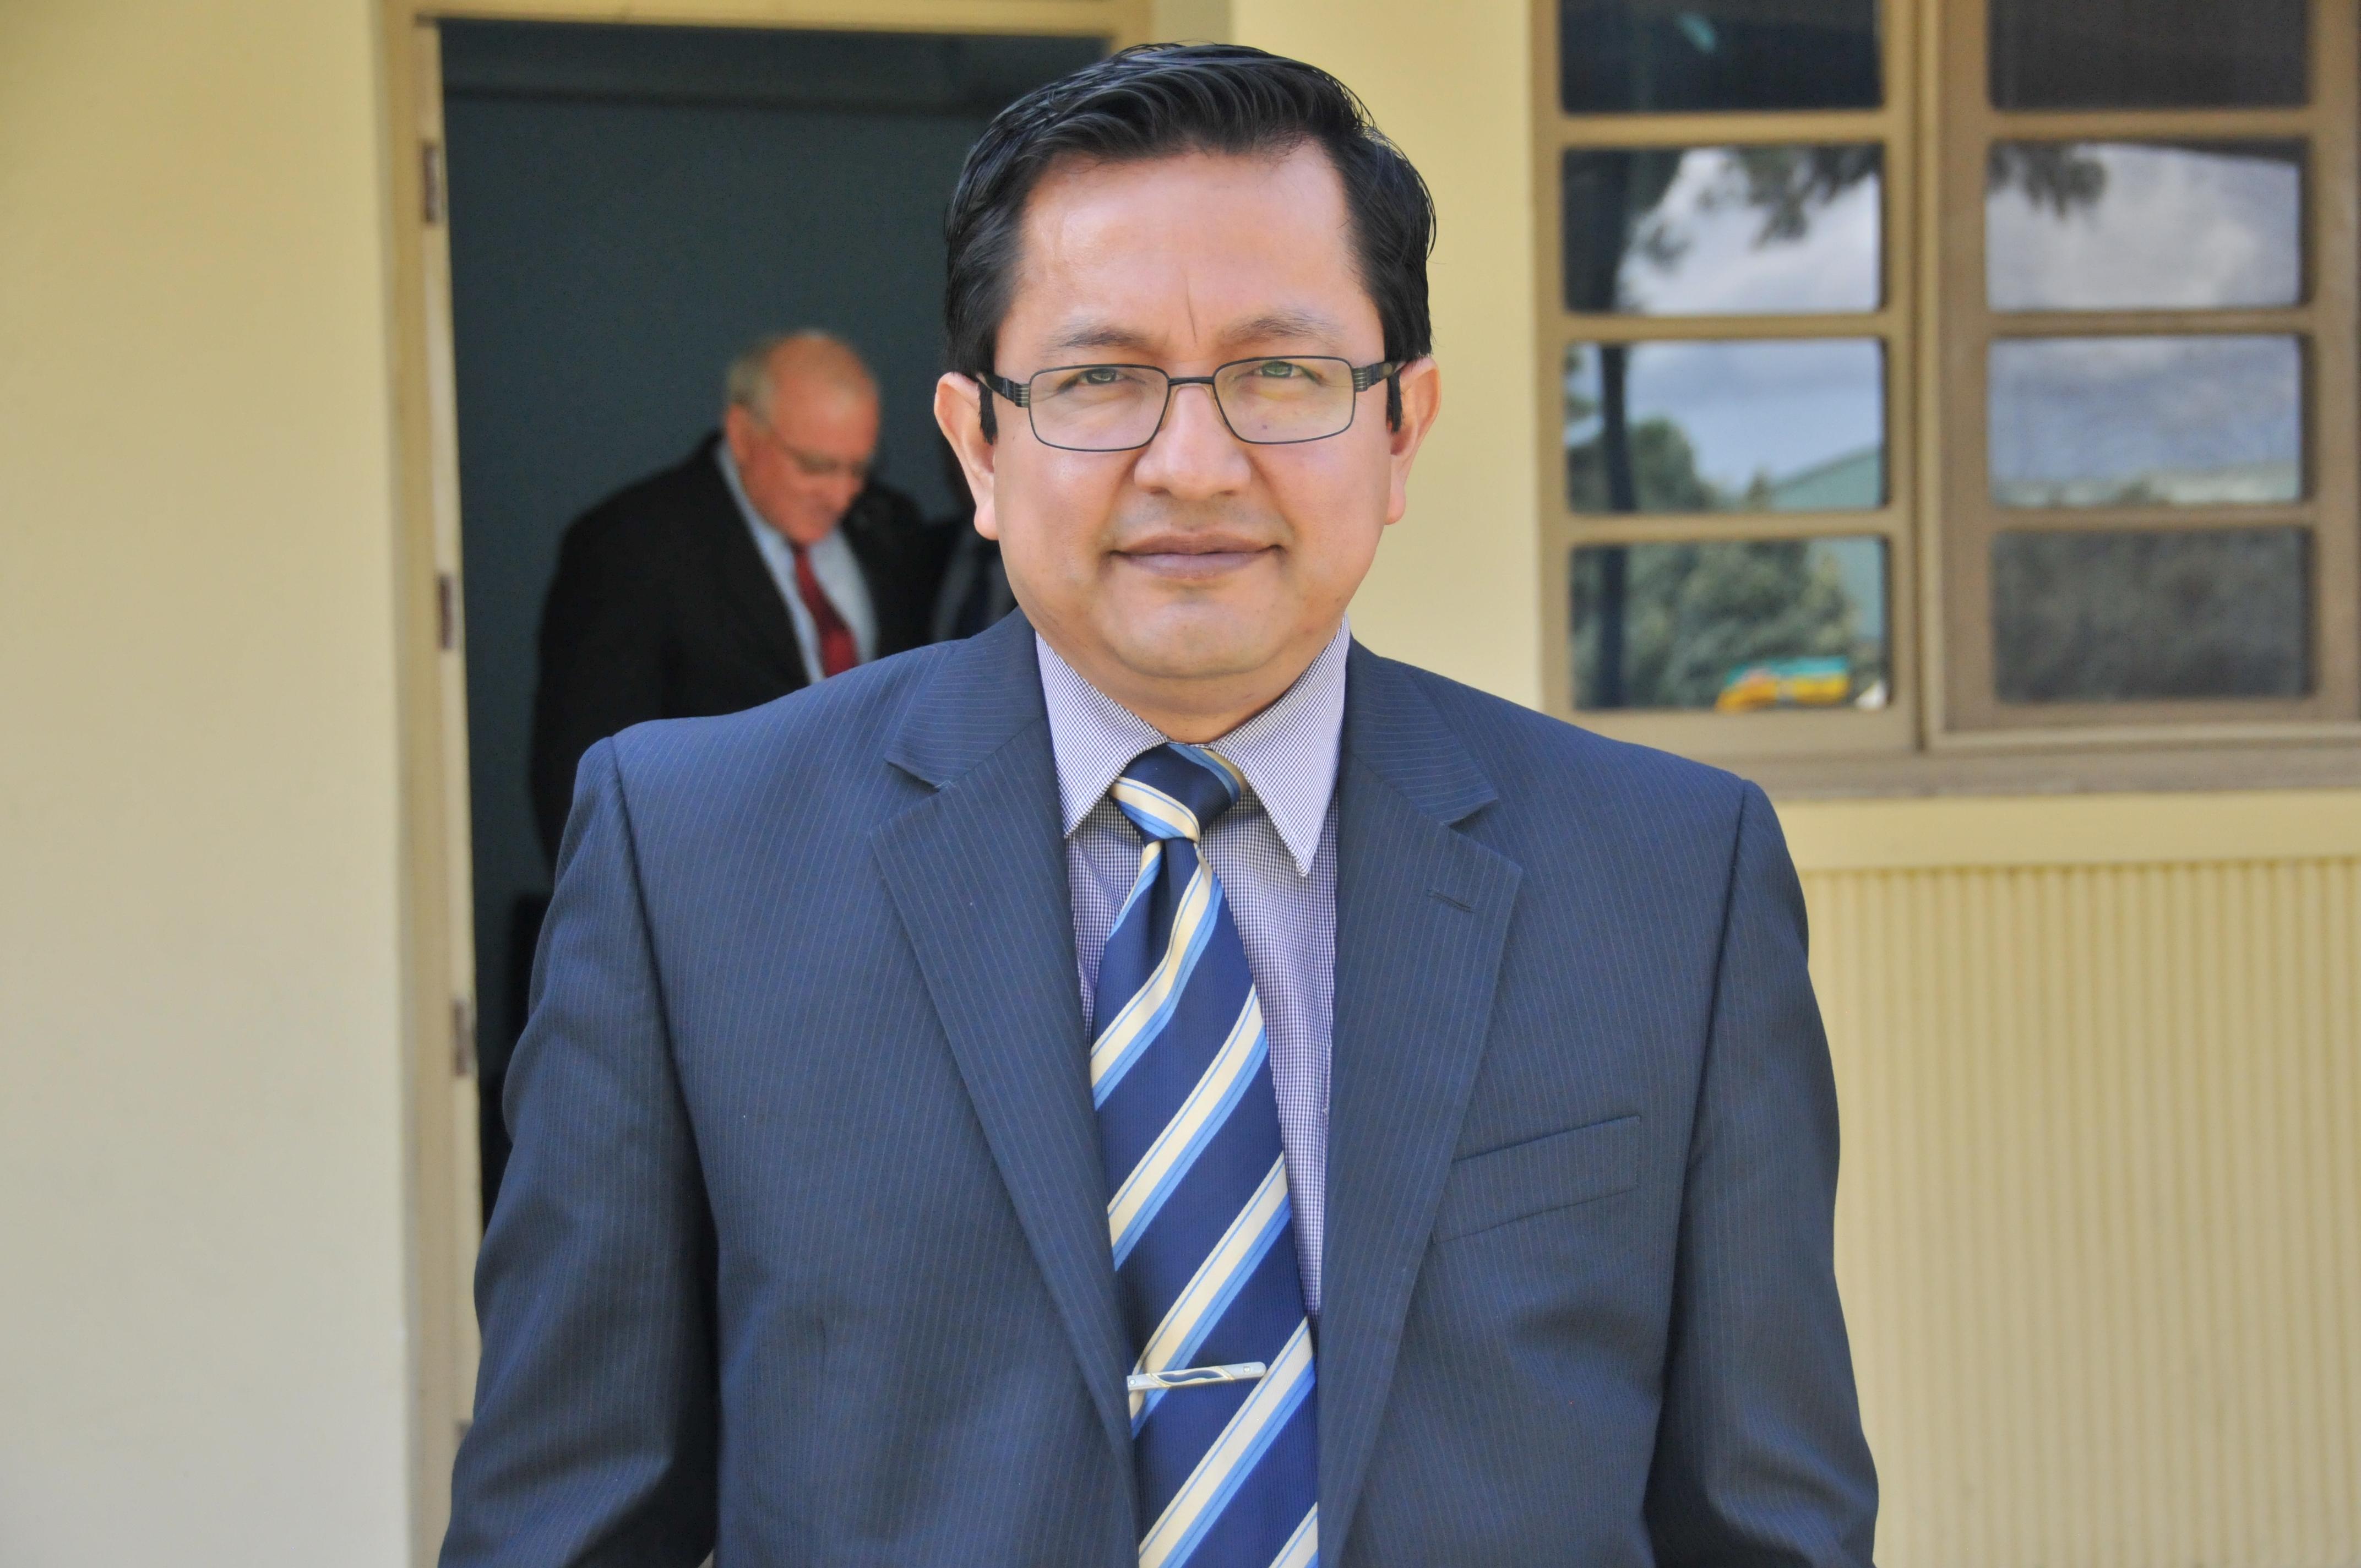 Dr. Adolfo Suárez